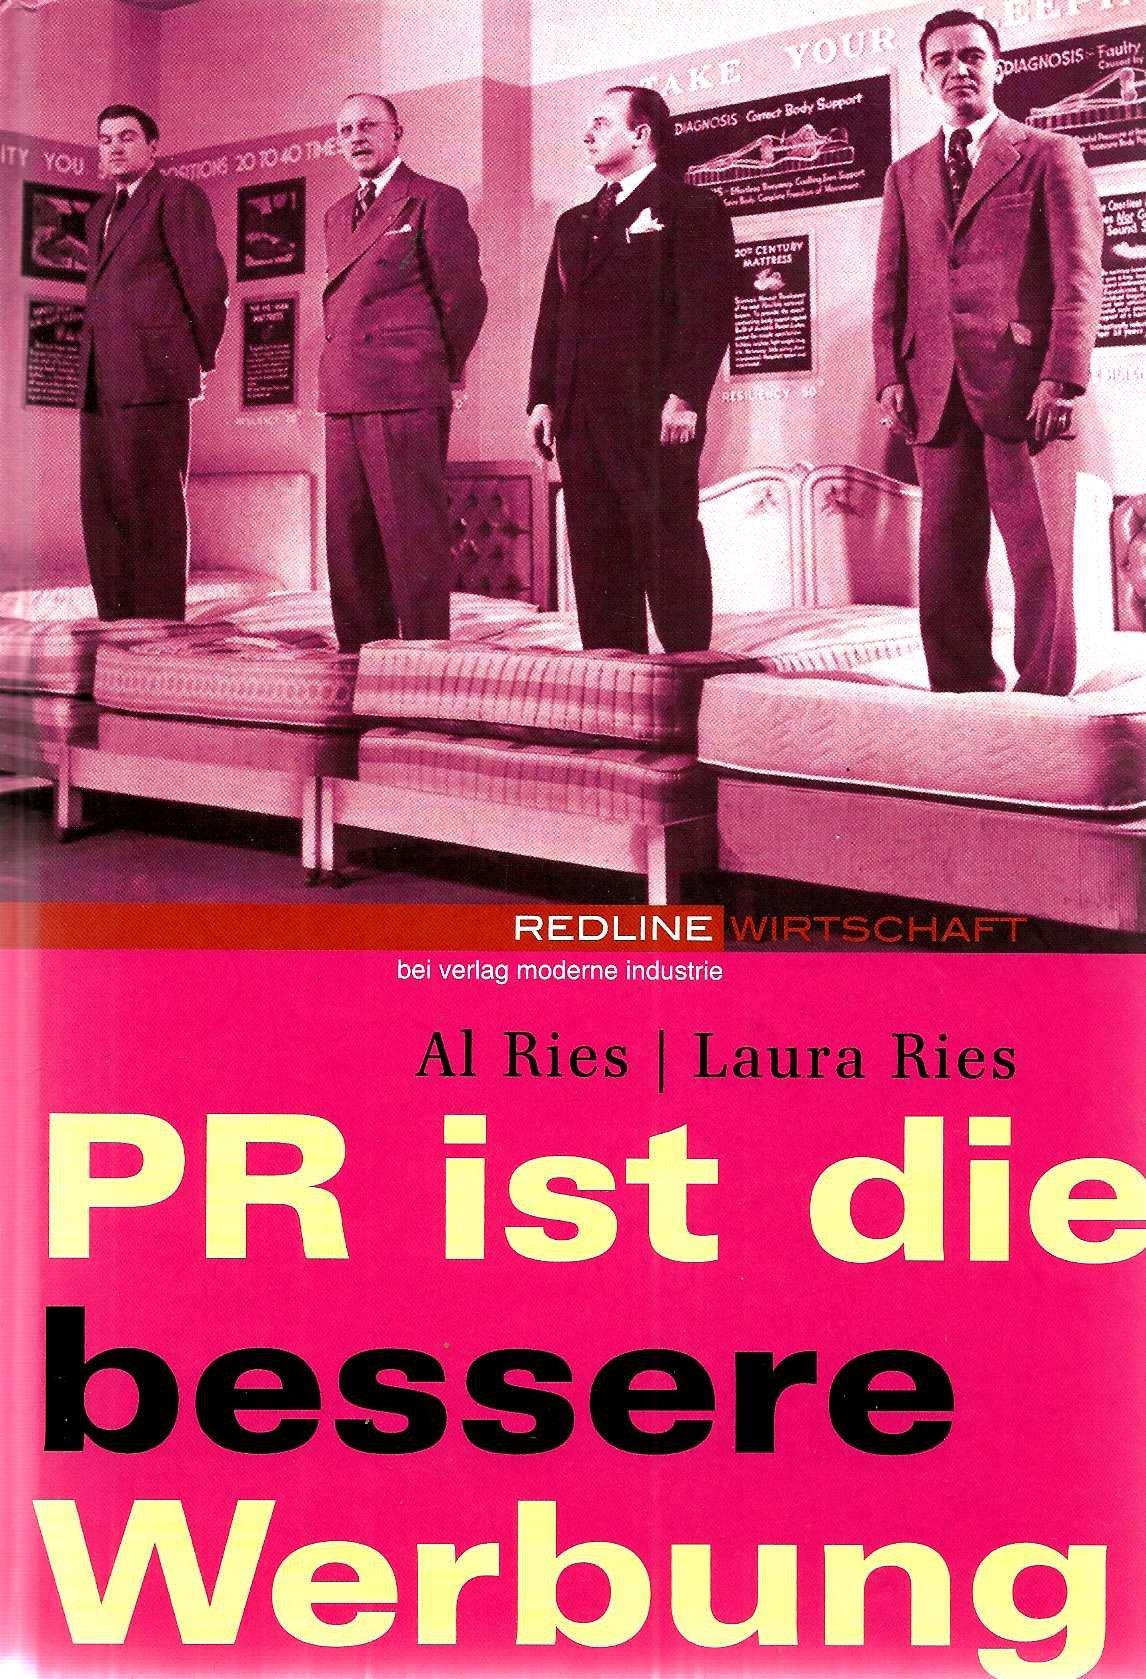 PR ist die bessere Werbung.